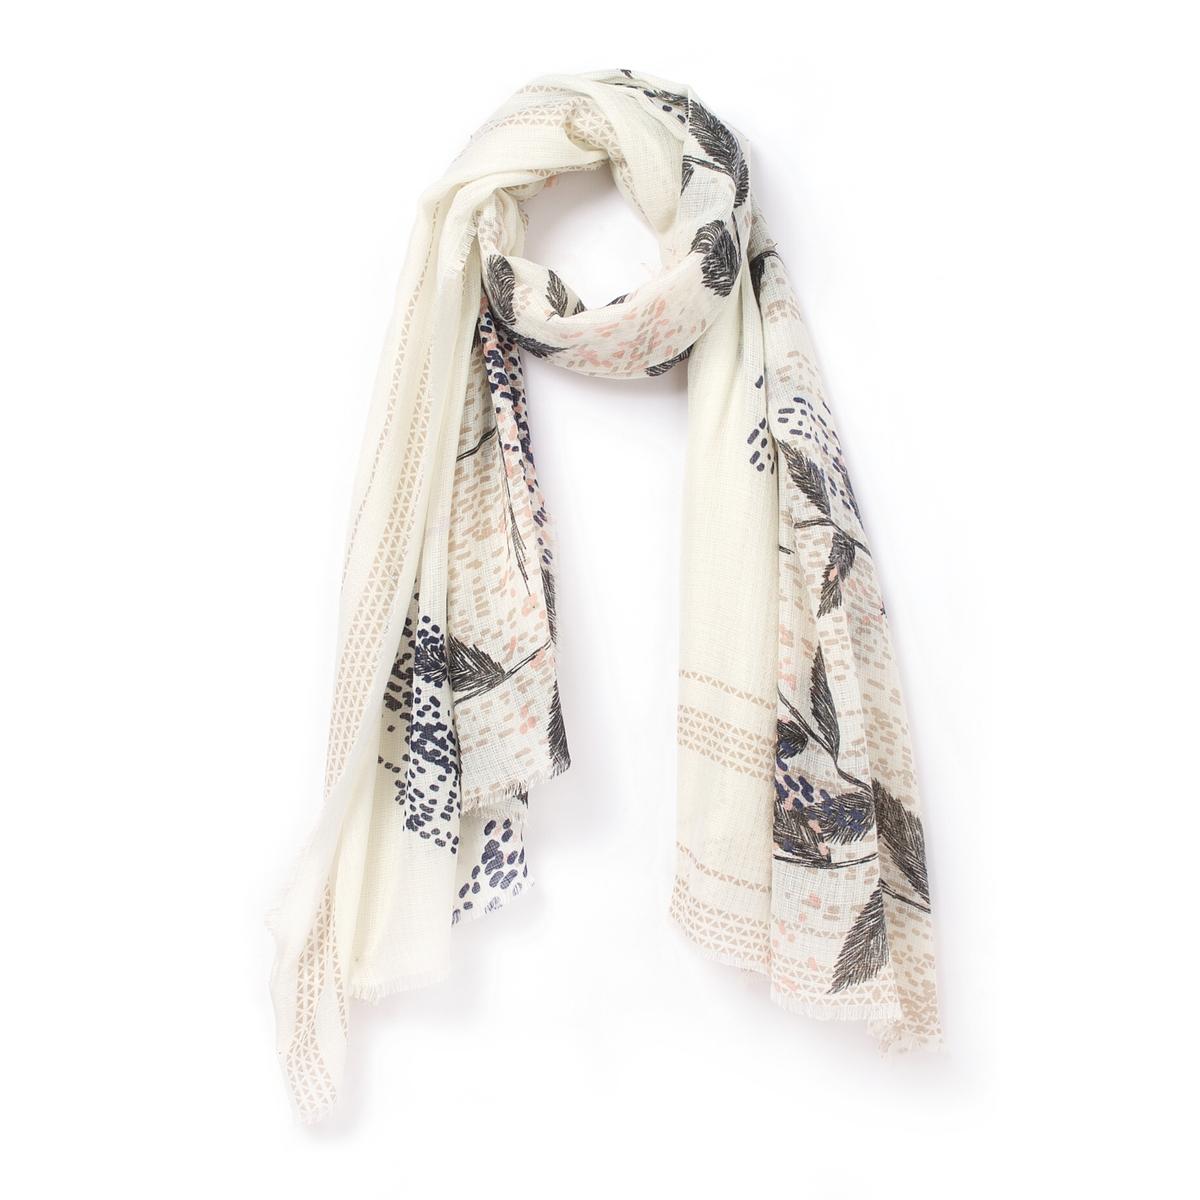 Шарф с рисункомОписание:Утонченный и женственный шарф Esprit с великолепным рисунком листья. Состав и описание :  •  Материал : 100% полиэстер •  Марка : Esprit •  Модель : Col Leaf Print •  Размер : 95 x 190 смУход: :Машинная стирка при 30° (или при 30° на деликатном режиме, в зависимости от пиктограммы).С вещами схожих цветов..<br><br>Цвет: белый<br>Размер: единый размер